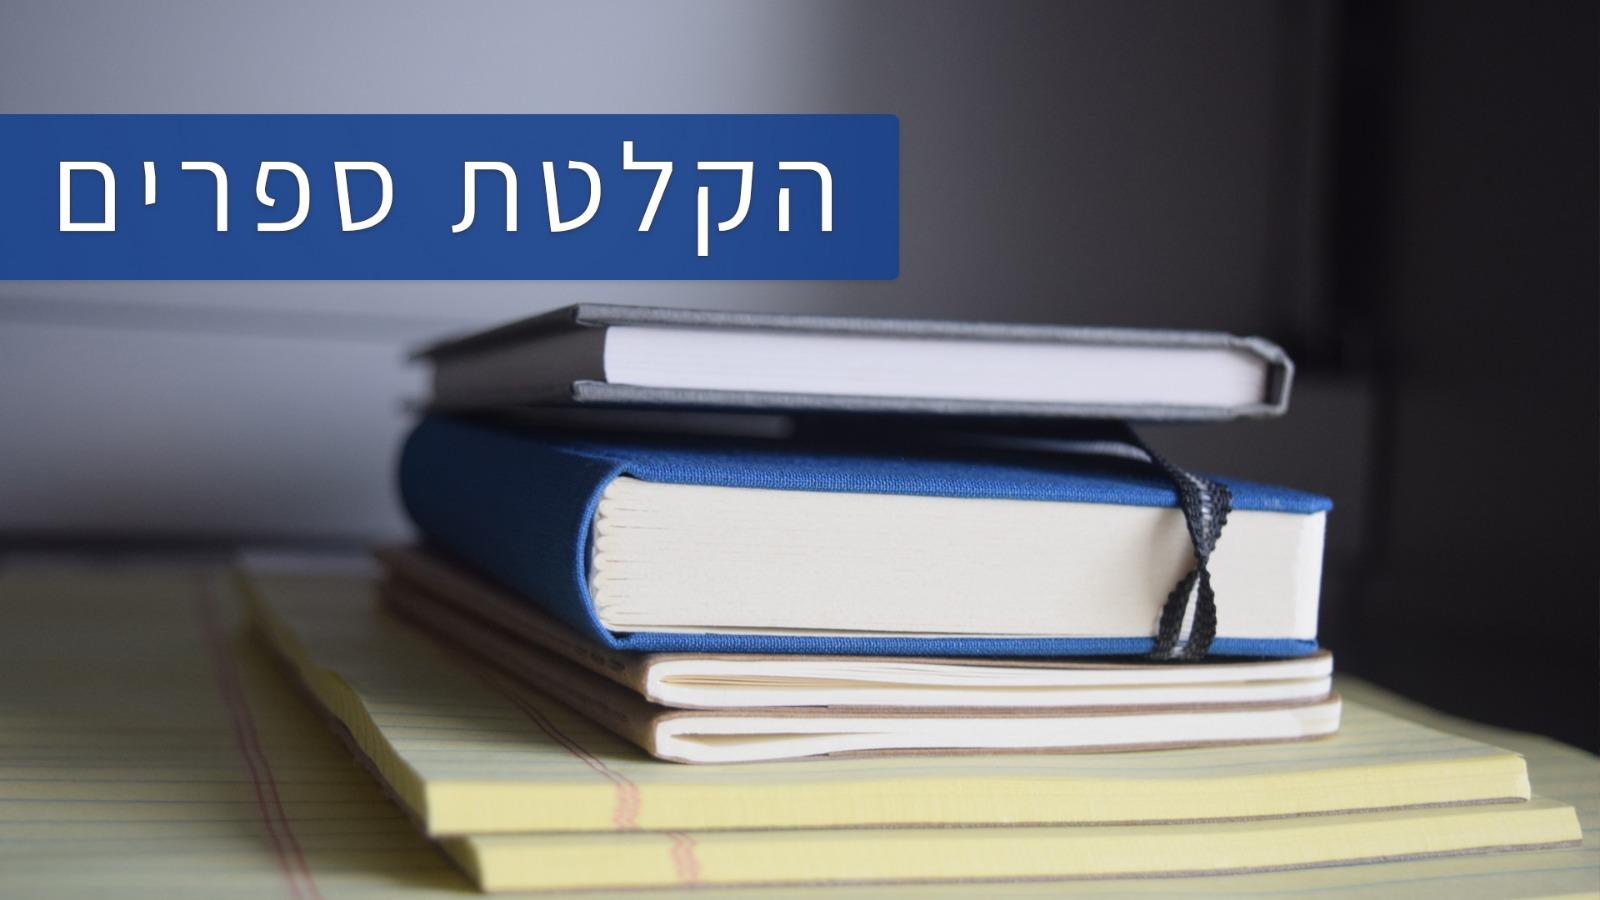 אלעד שבר תקשורת מנצחת | אולפני הקלטת ספרים